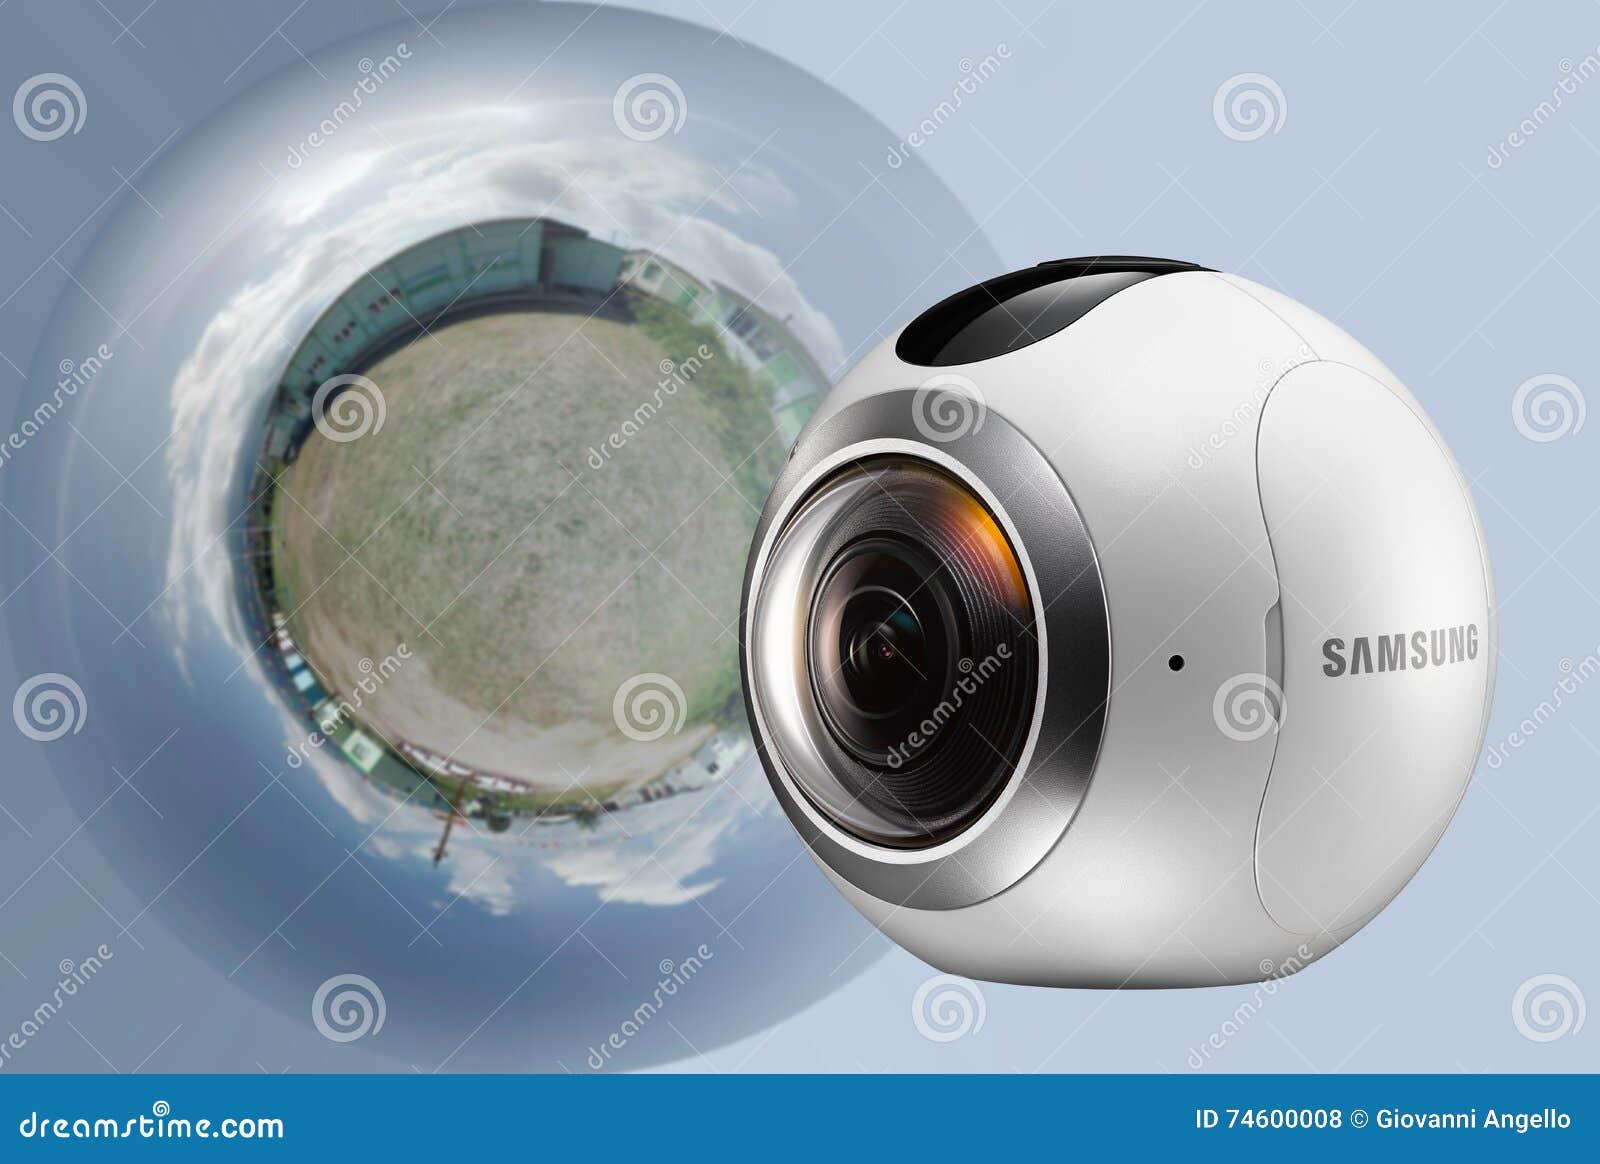 Samsung appareil-photo de 360 degrés